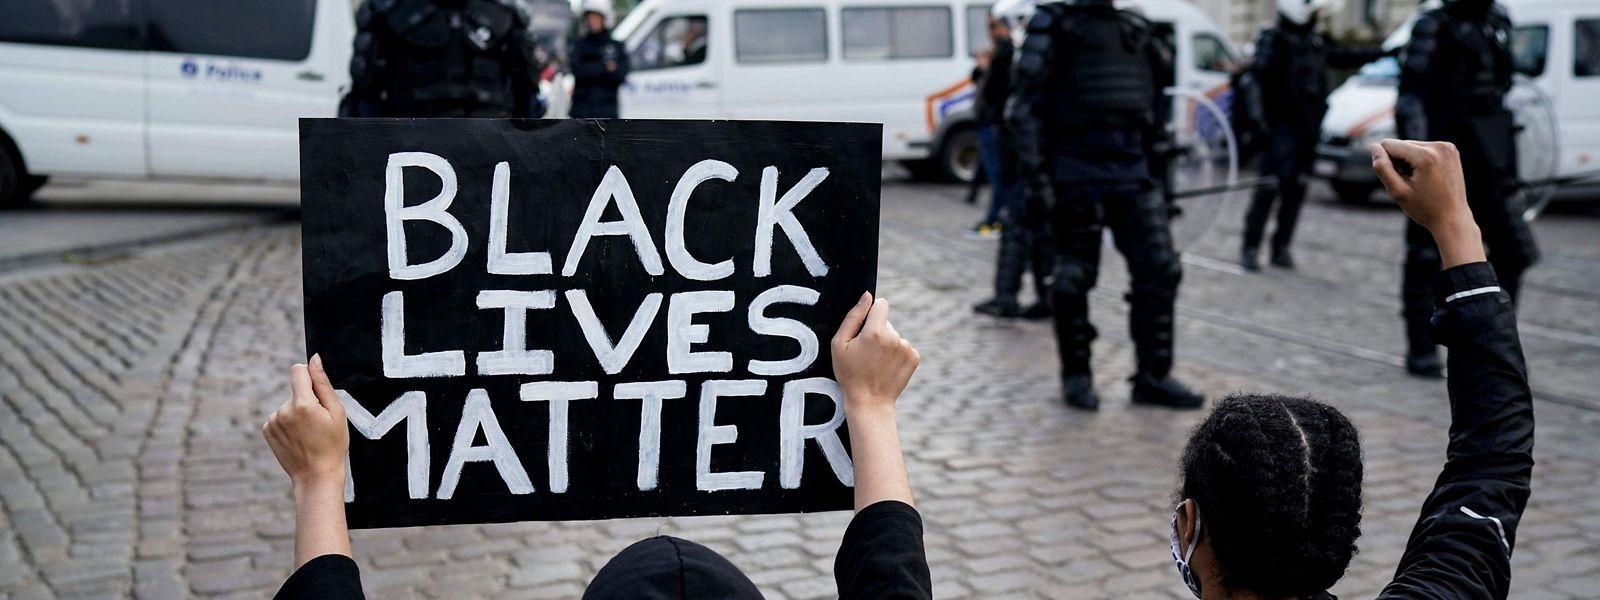 Black Lives Matter scheint in Luxemburg noch nicht richtig angekommen zu sein.